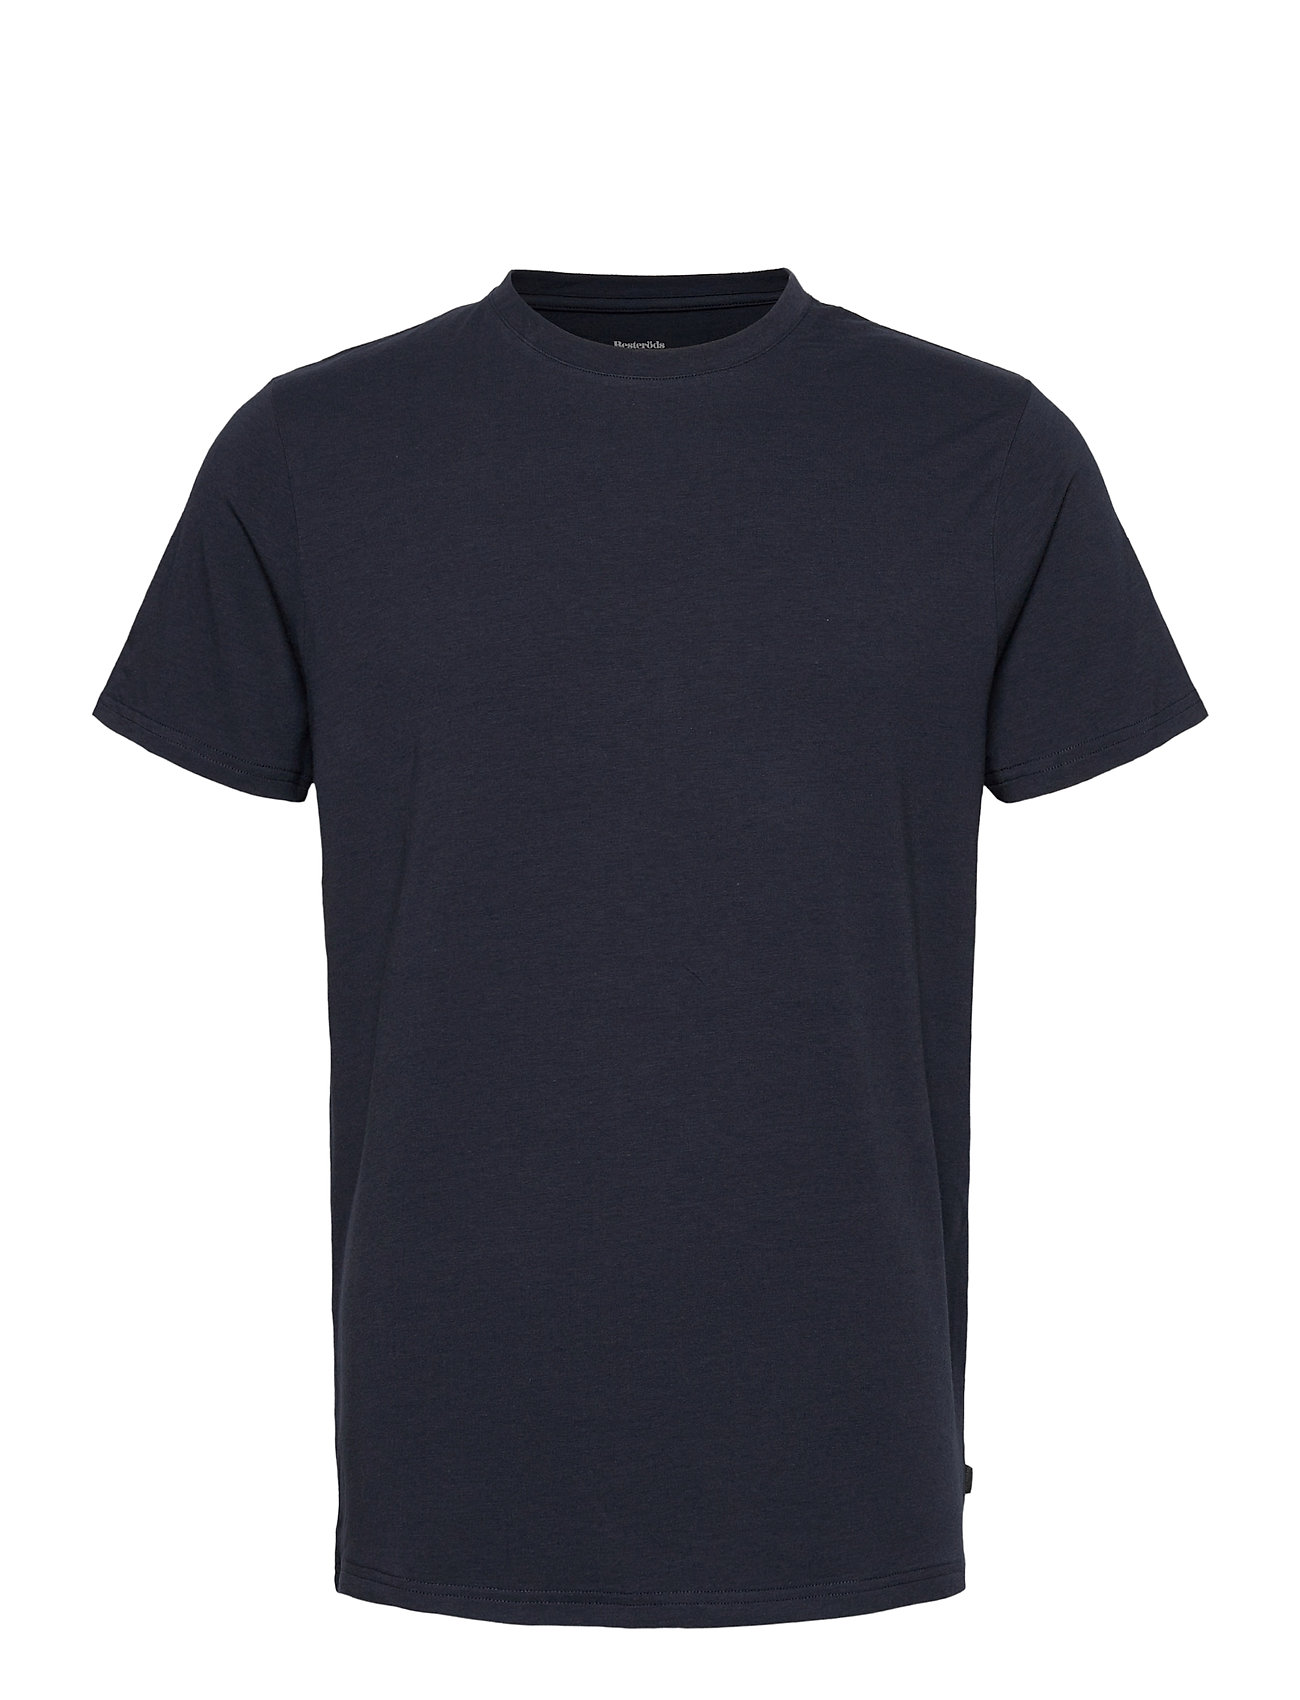 Image of Bamboo R-Neck Tee T-shirt Blå Resteröds (3455507525)